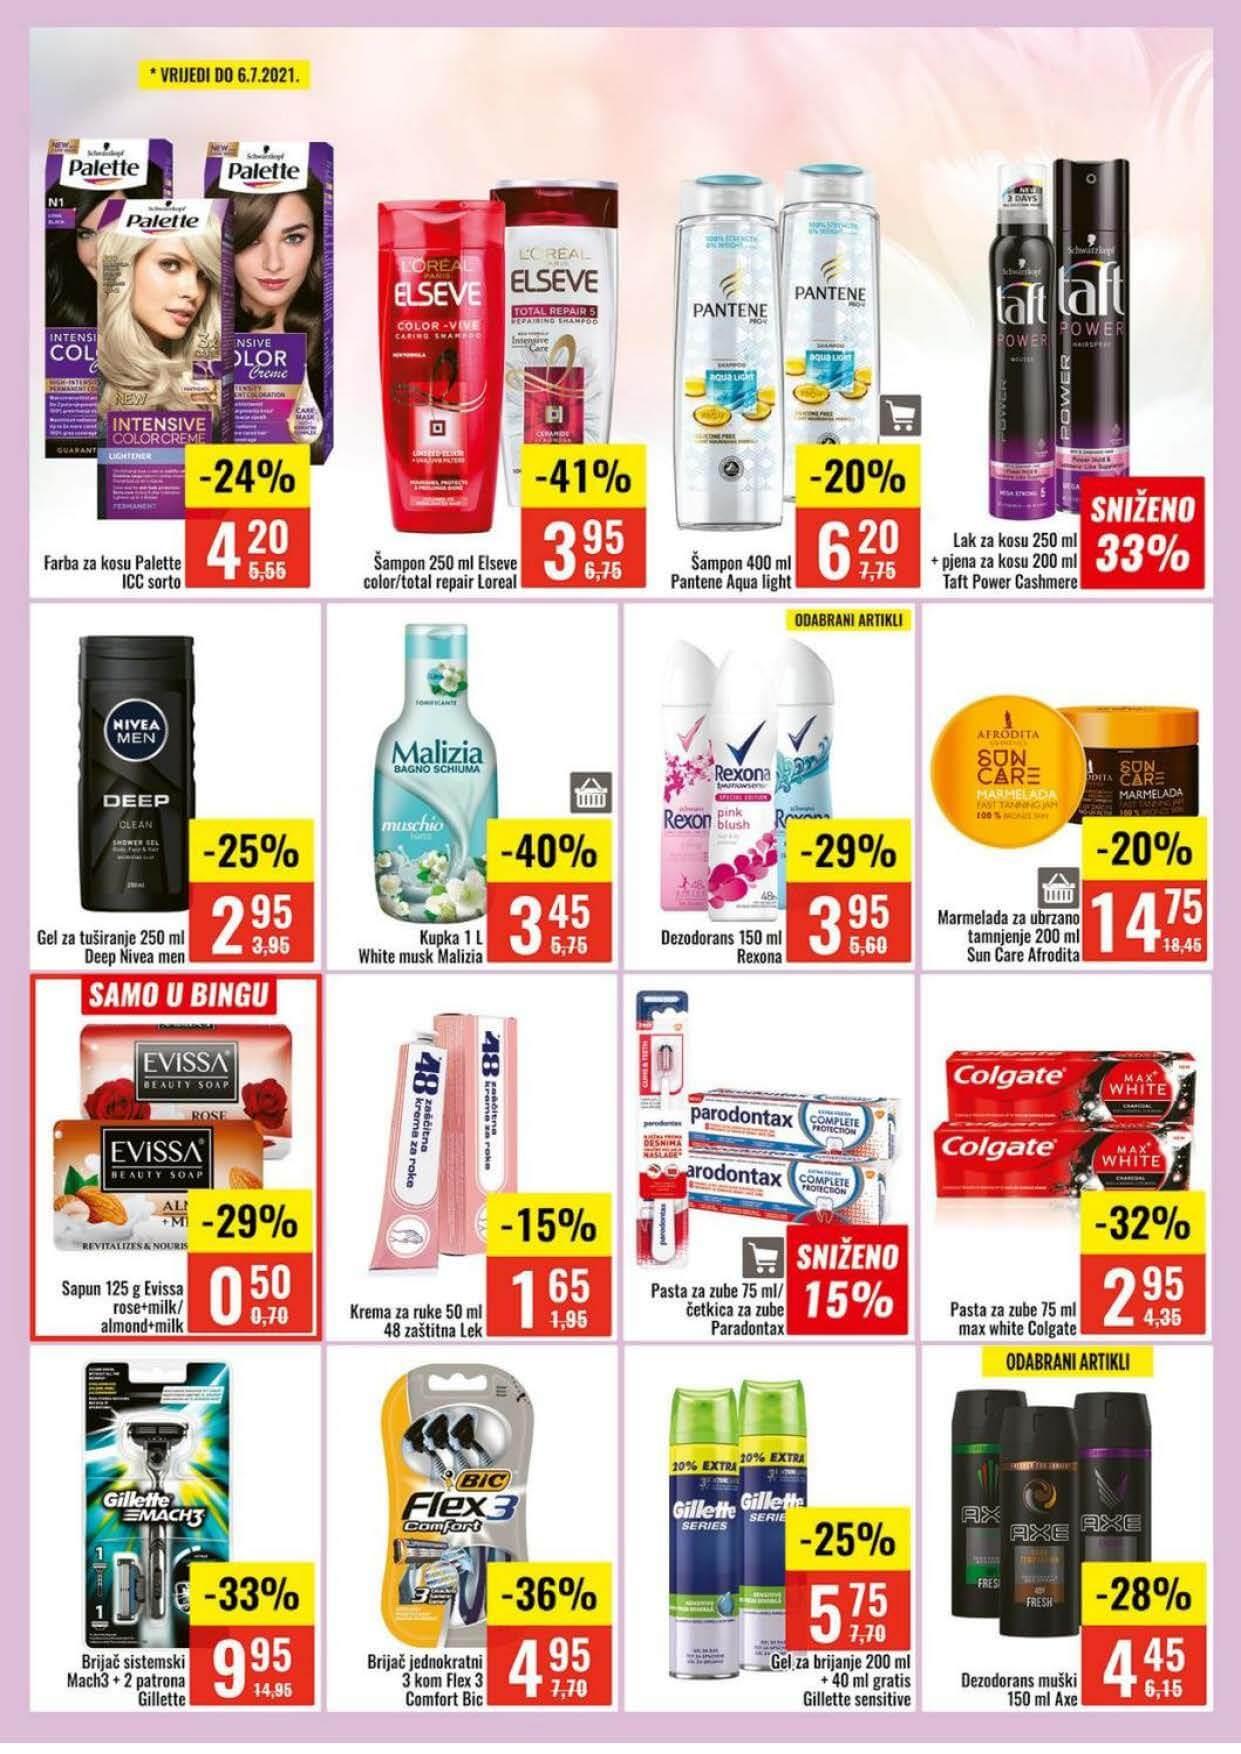 BINGO Katalog Kataloska akcija JUN 2021 15.6. 27.6. eKatalozi.com PR Page 13